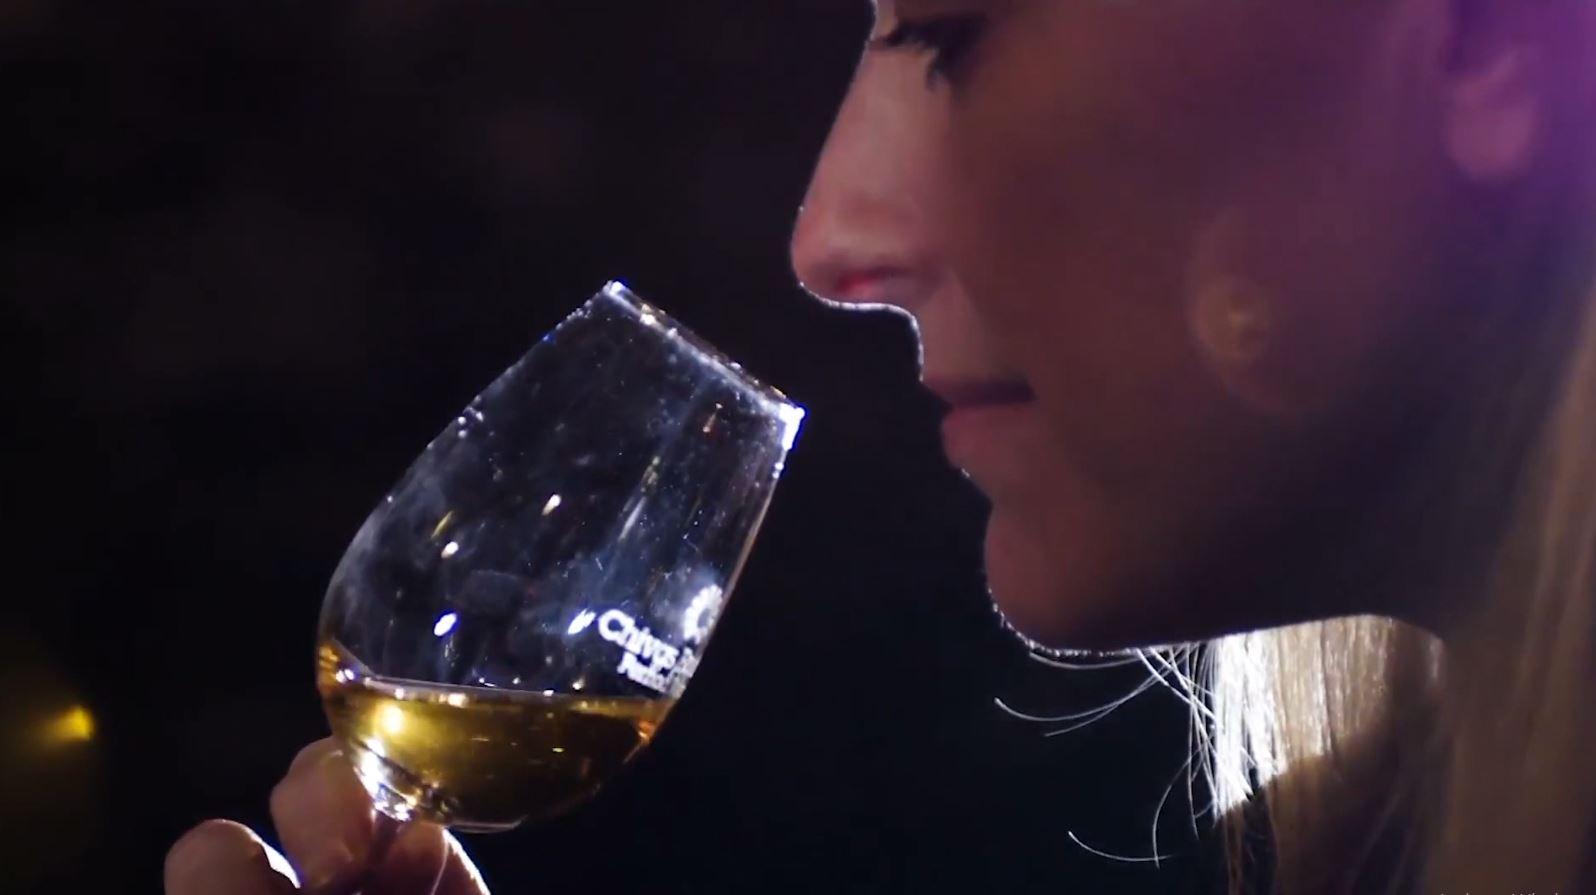 Detyronte personelin të pinin alkool në punë, telashe për kompaninë